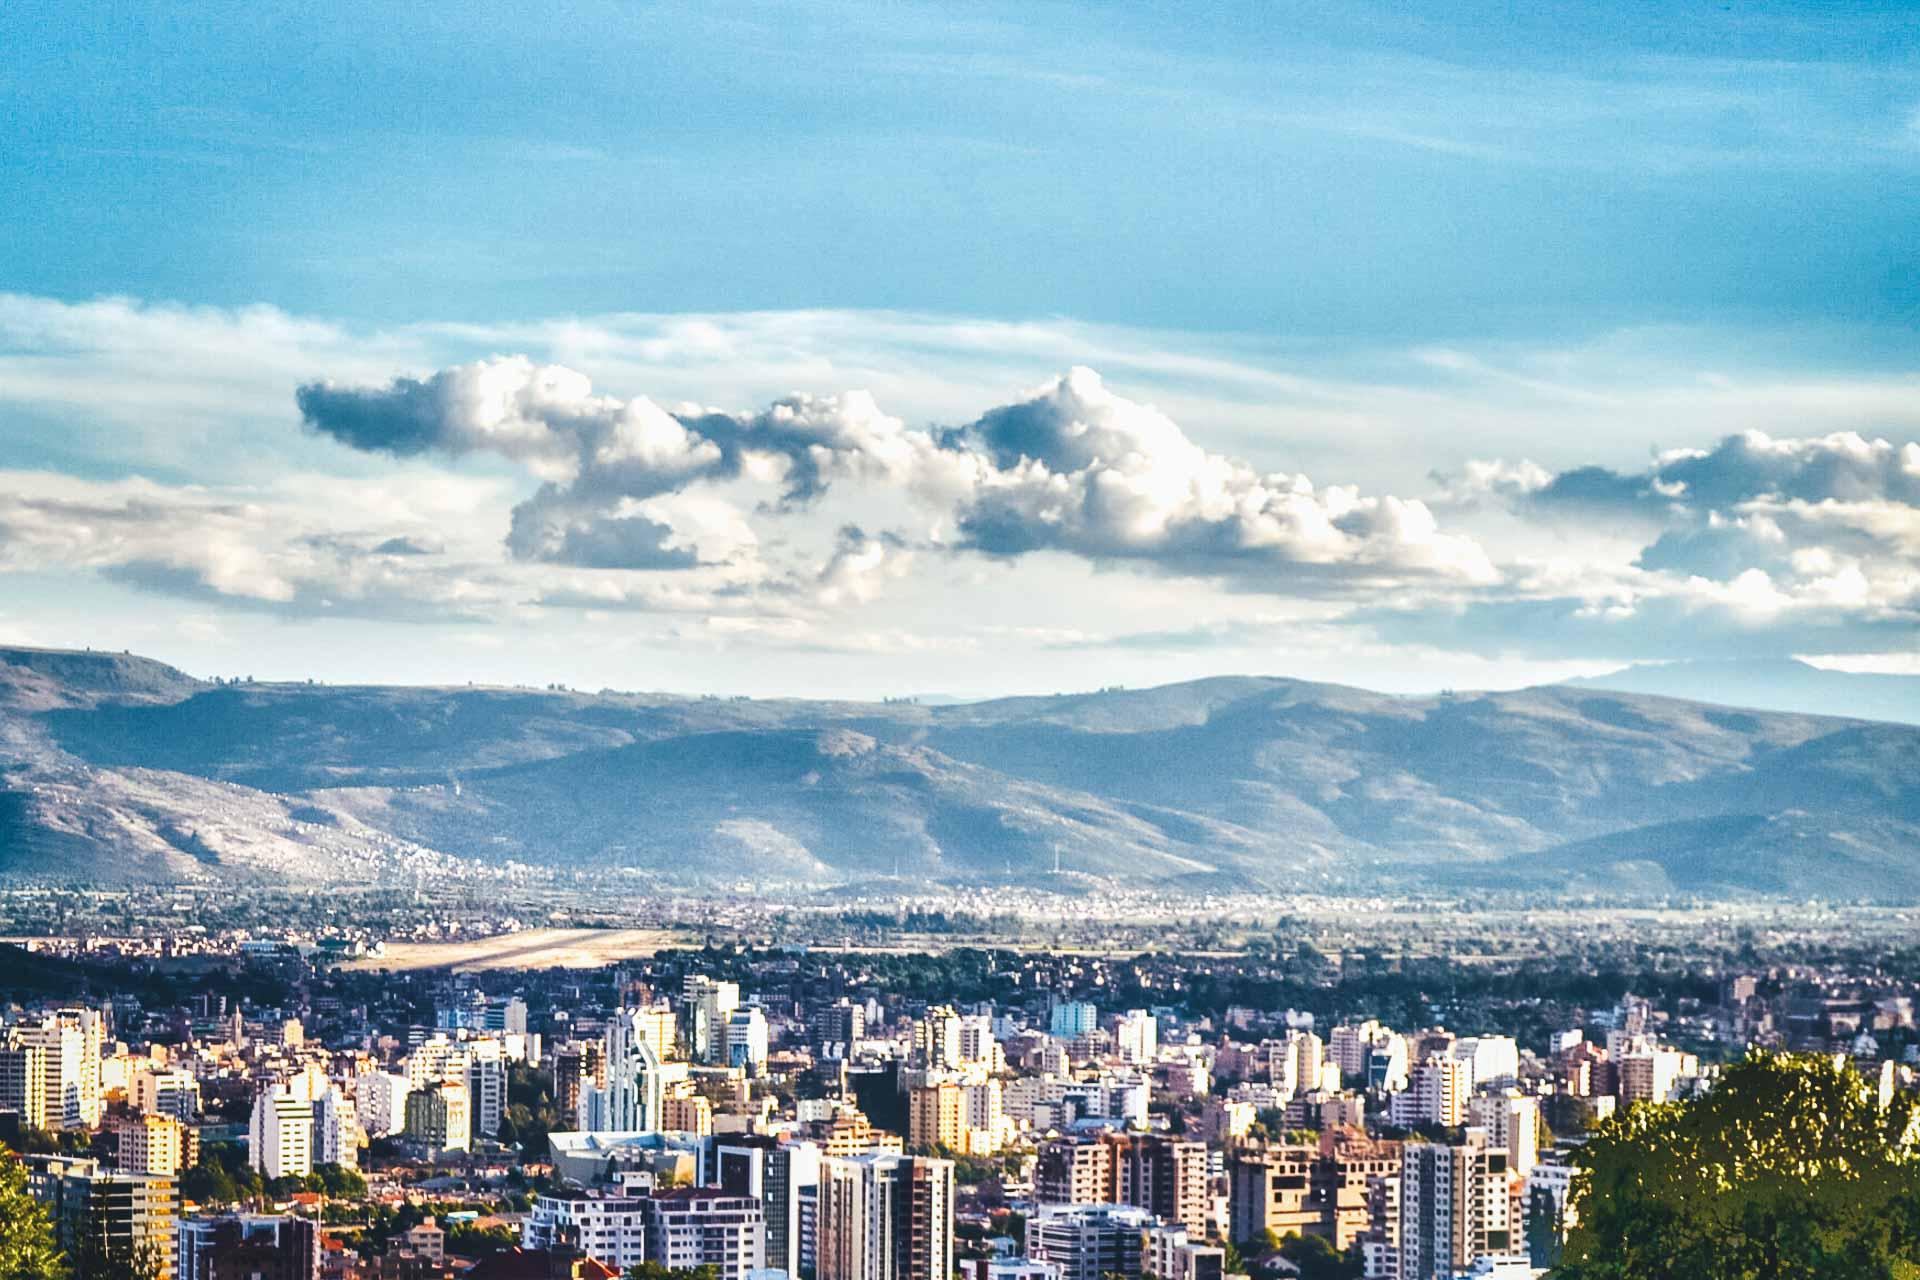 Ciudad_de_Cochabamba.jpg